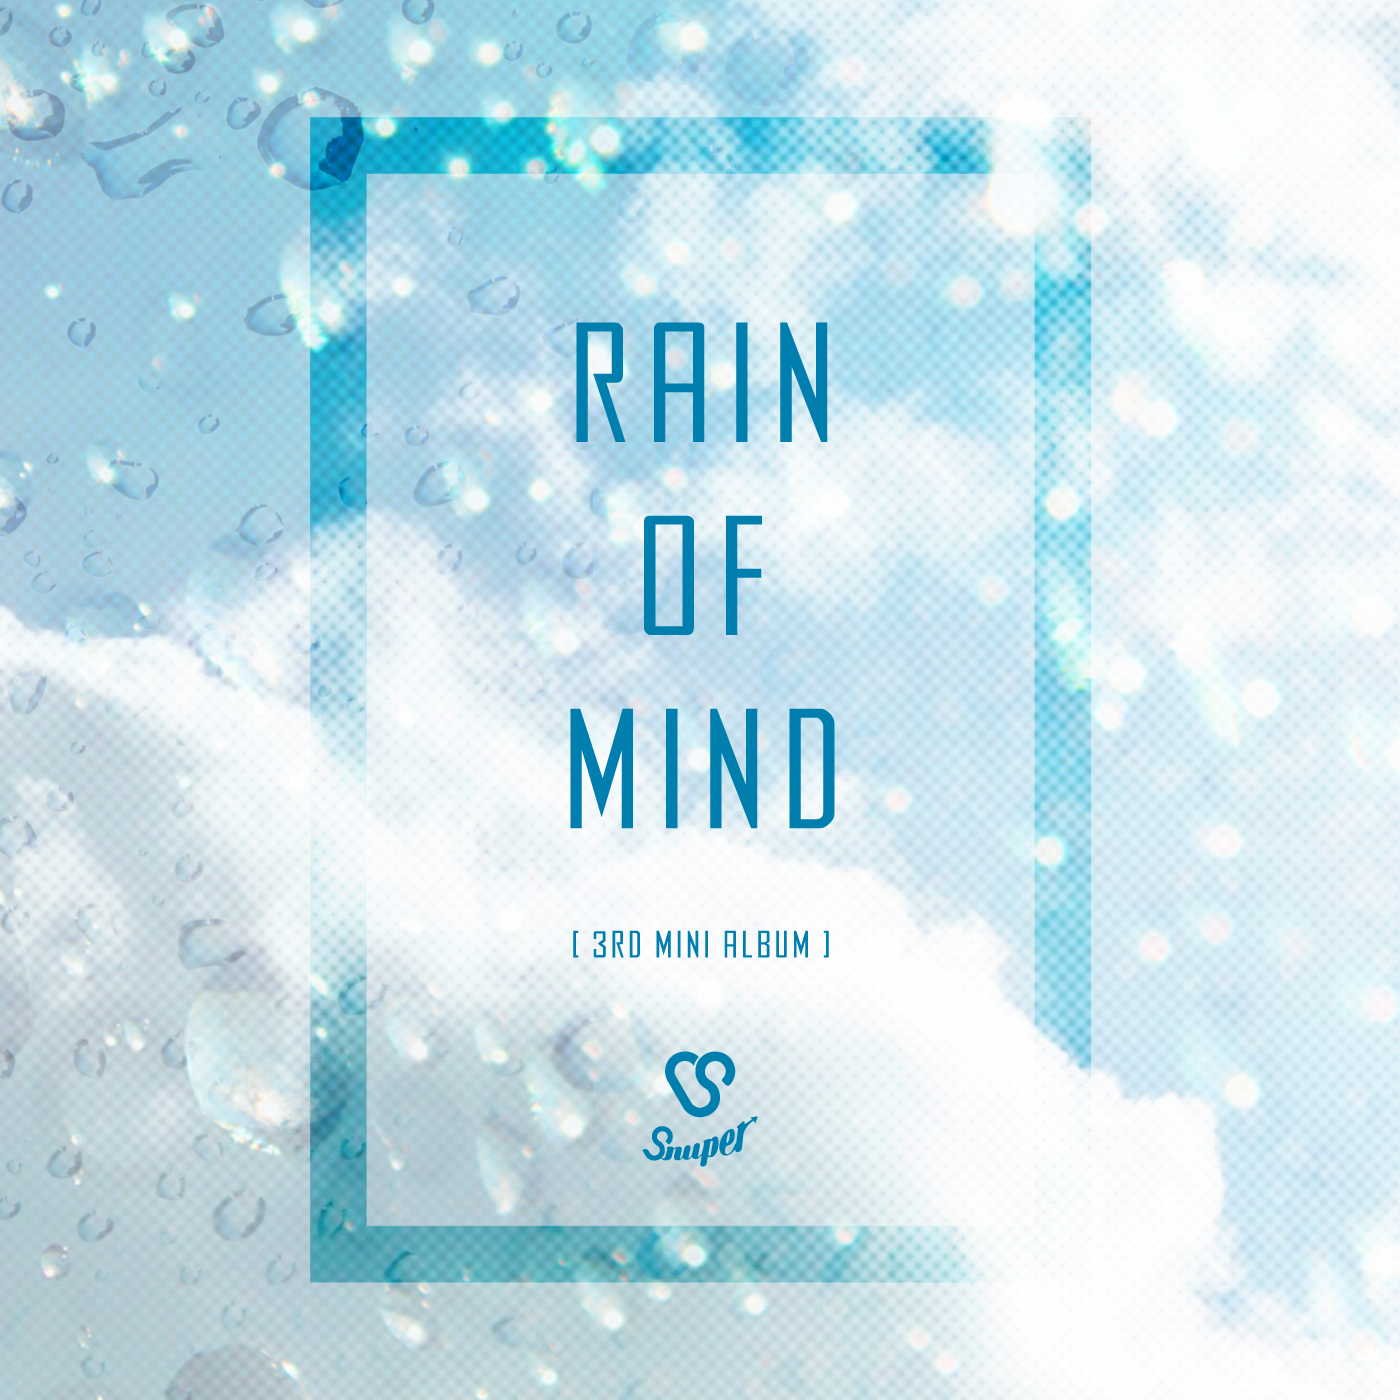 SNUPER 3rd Mini Album `Rain of Mind` 앨범이미지